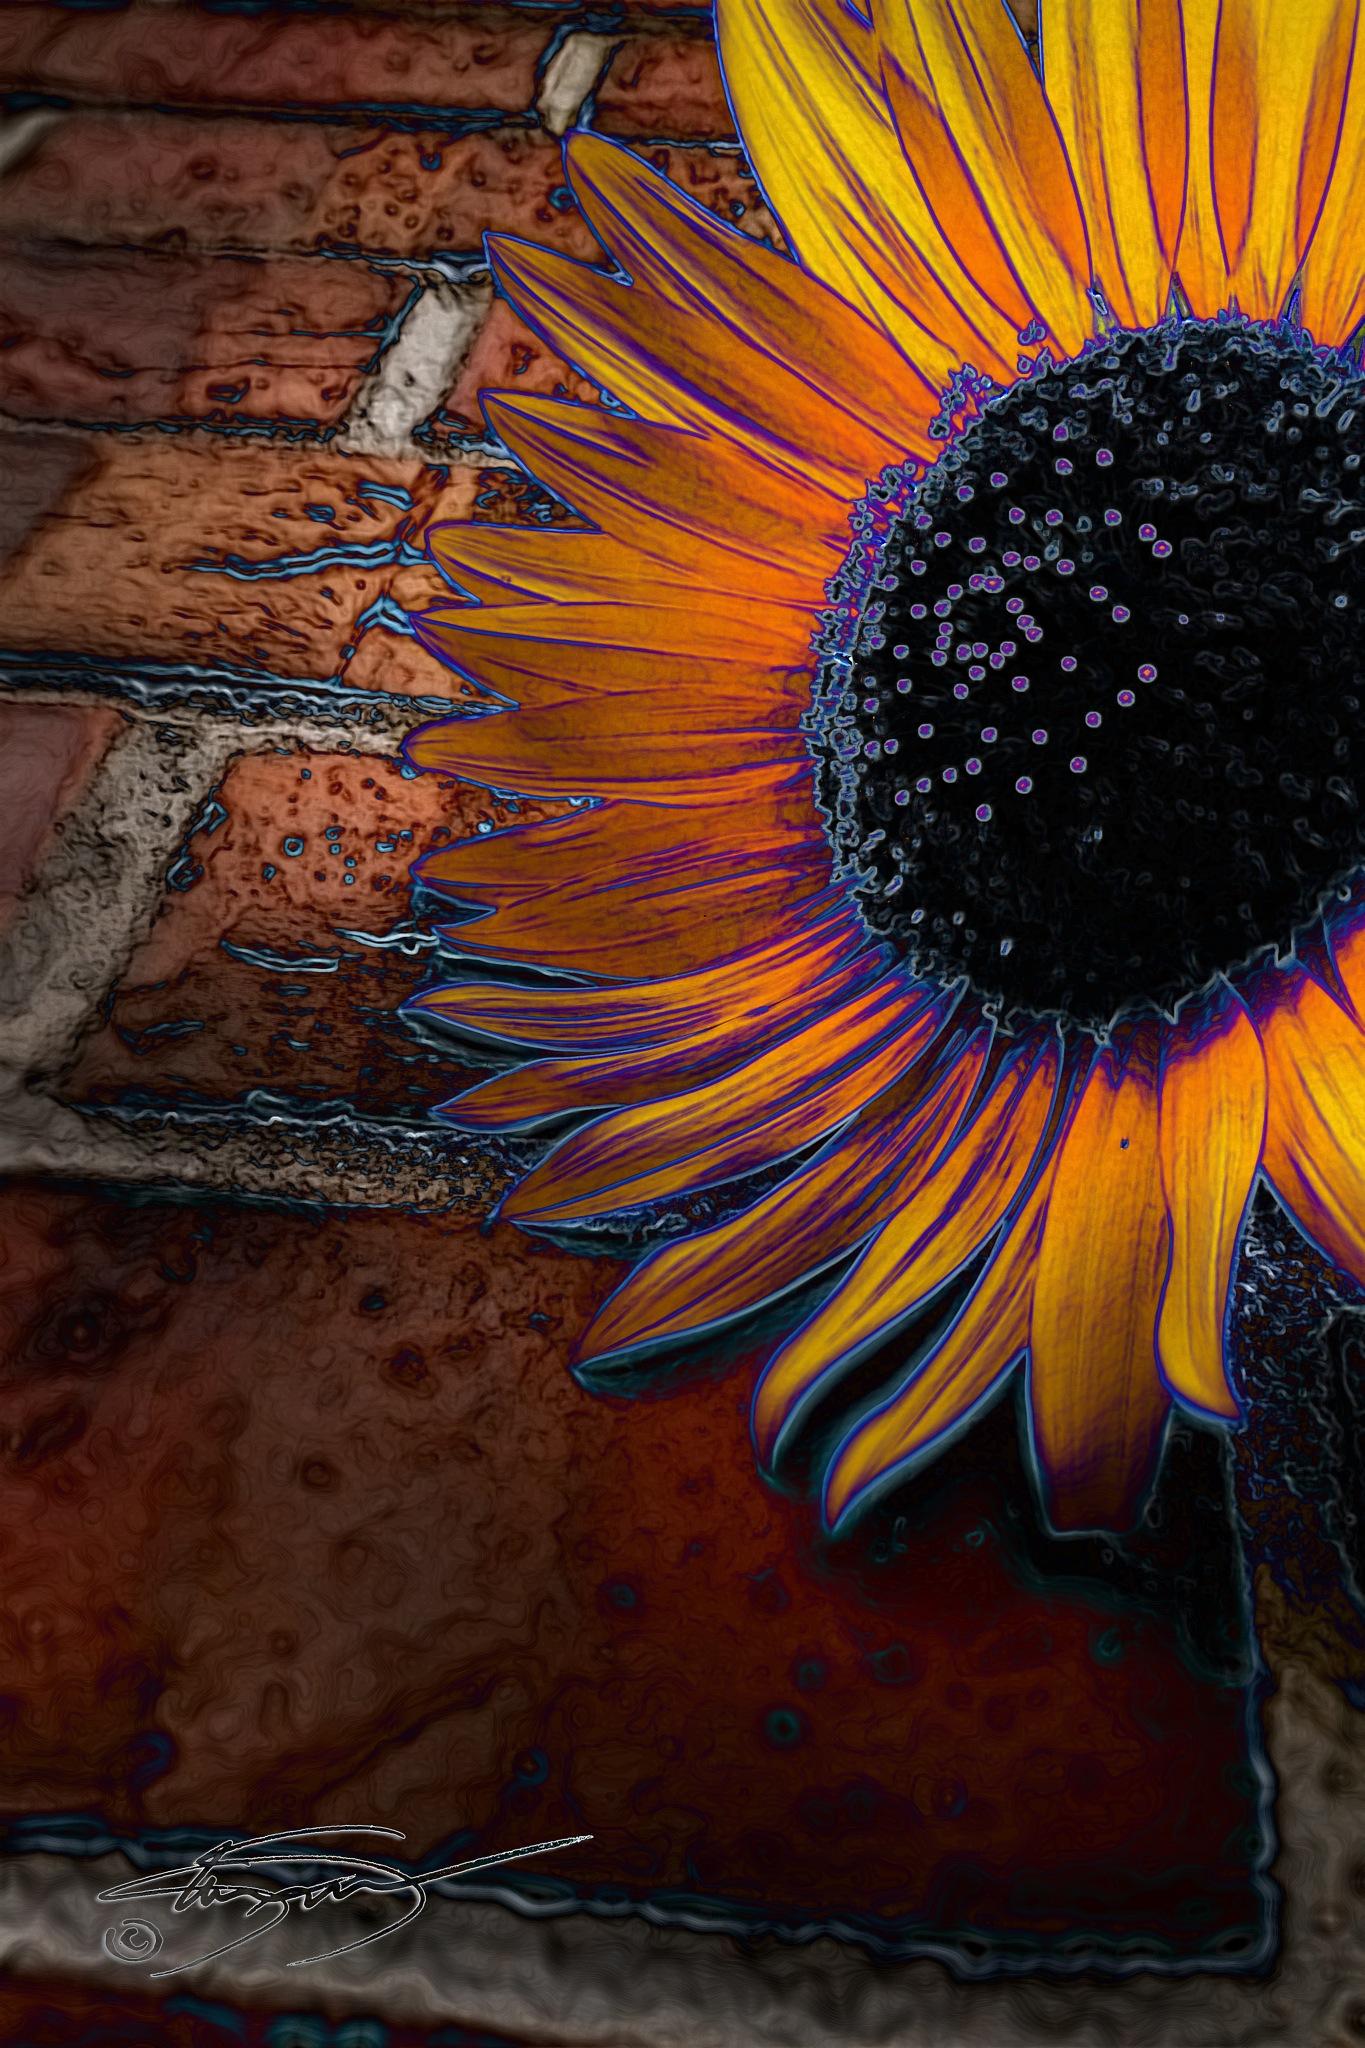 Sunflower on Brick by KandisG